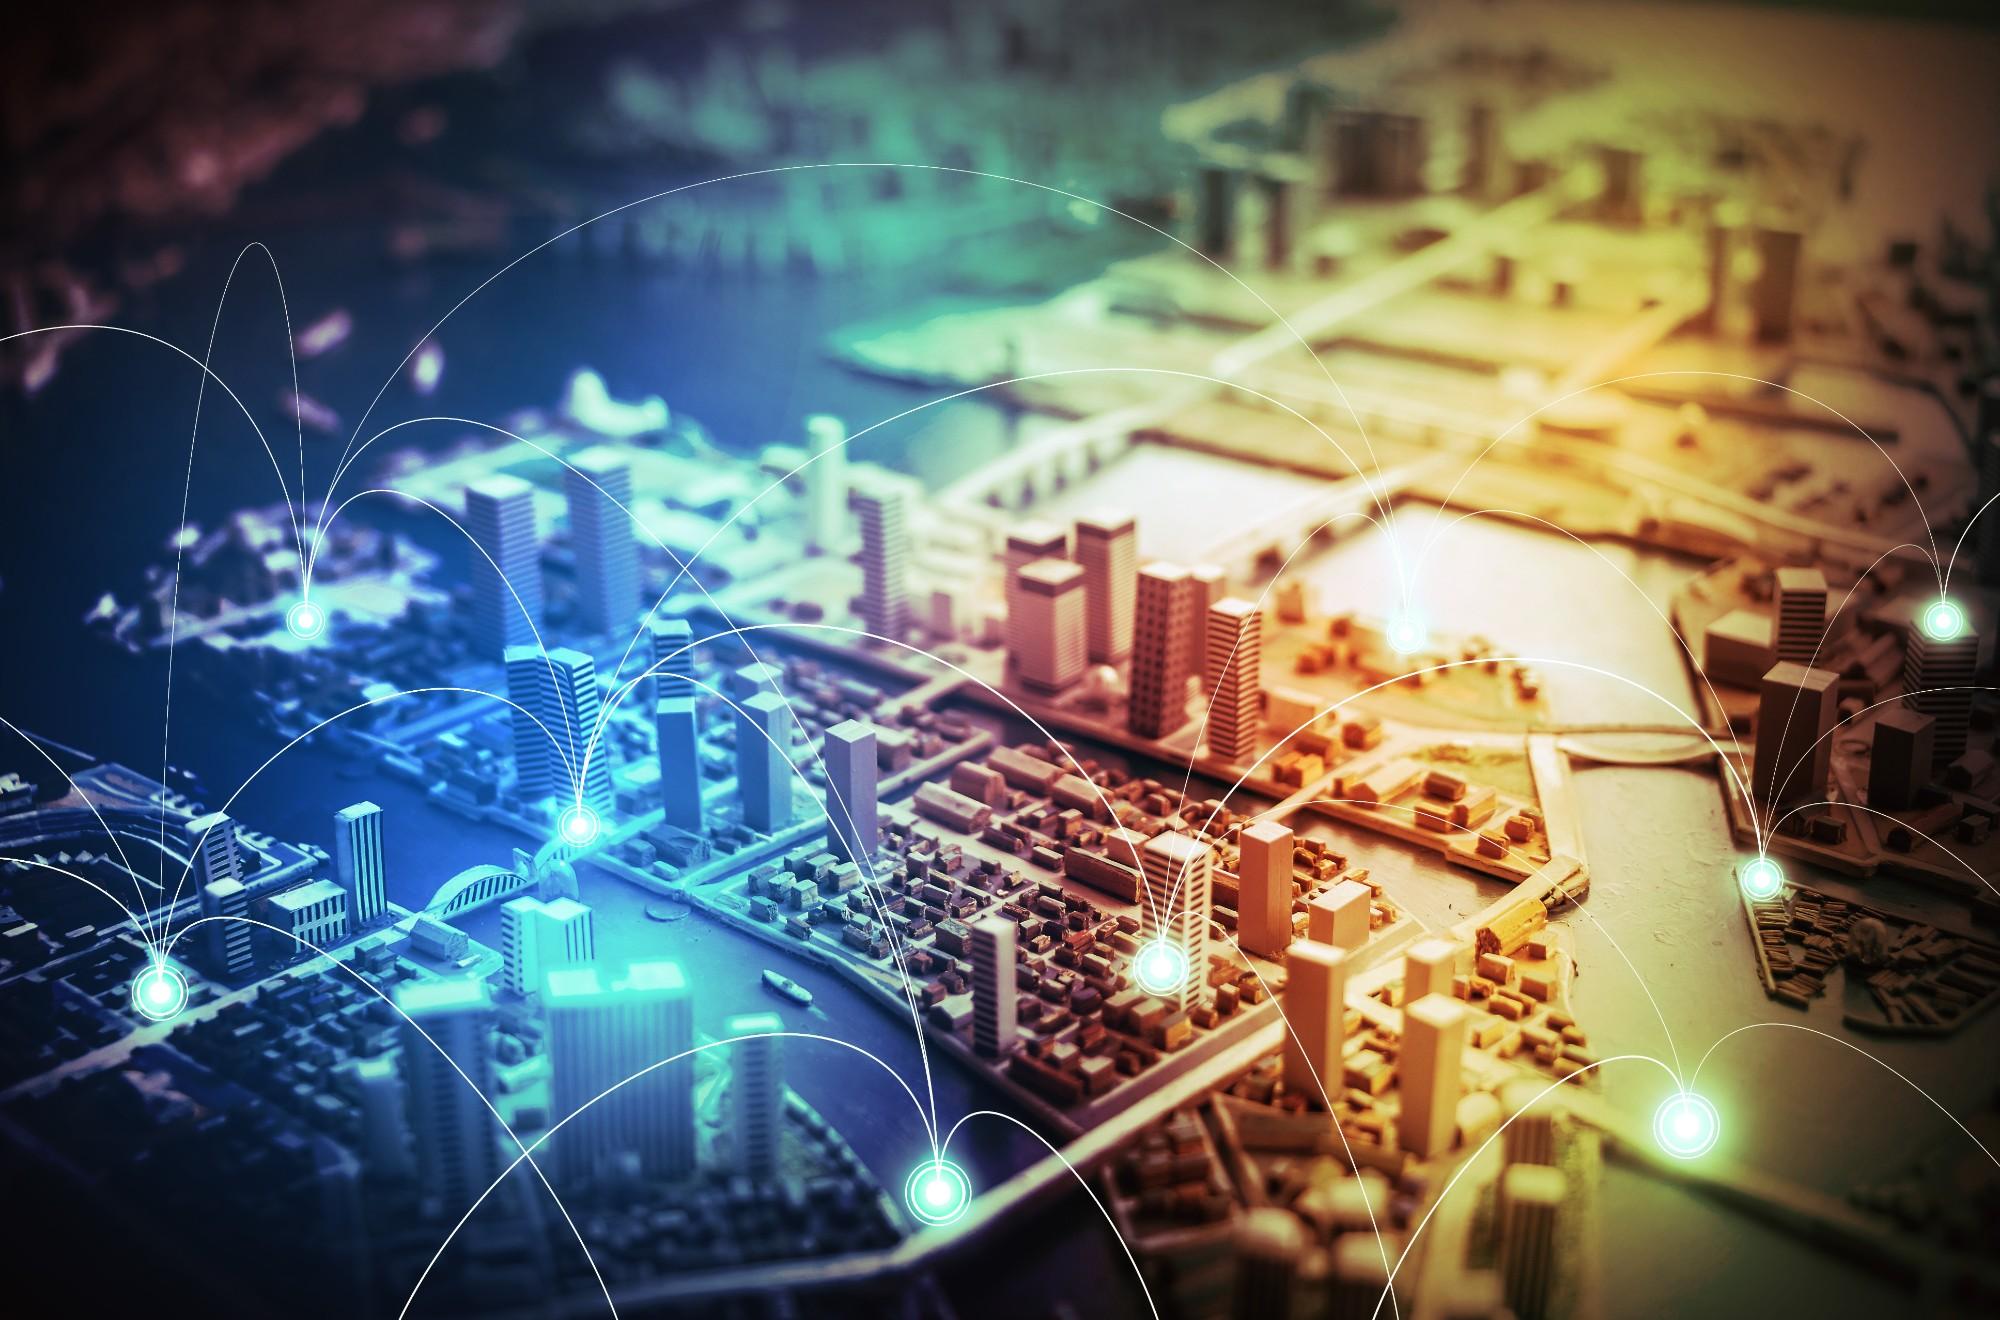 スマート・エネルギー・システムはなぜ大切なのか?